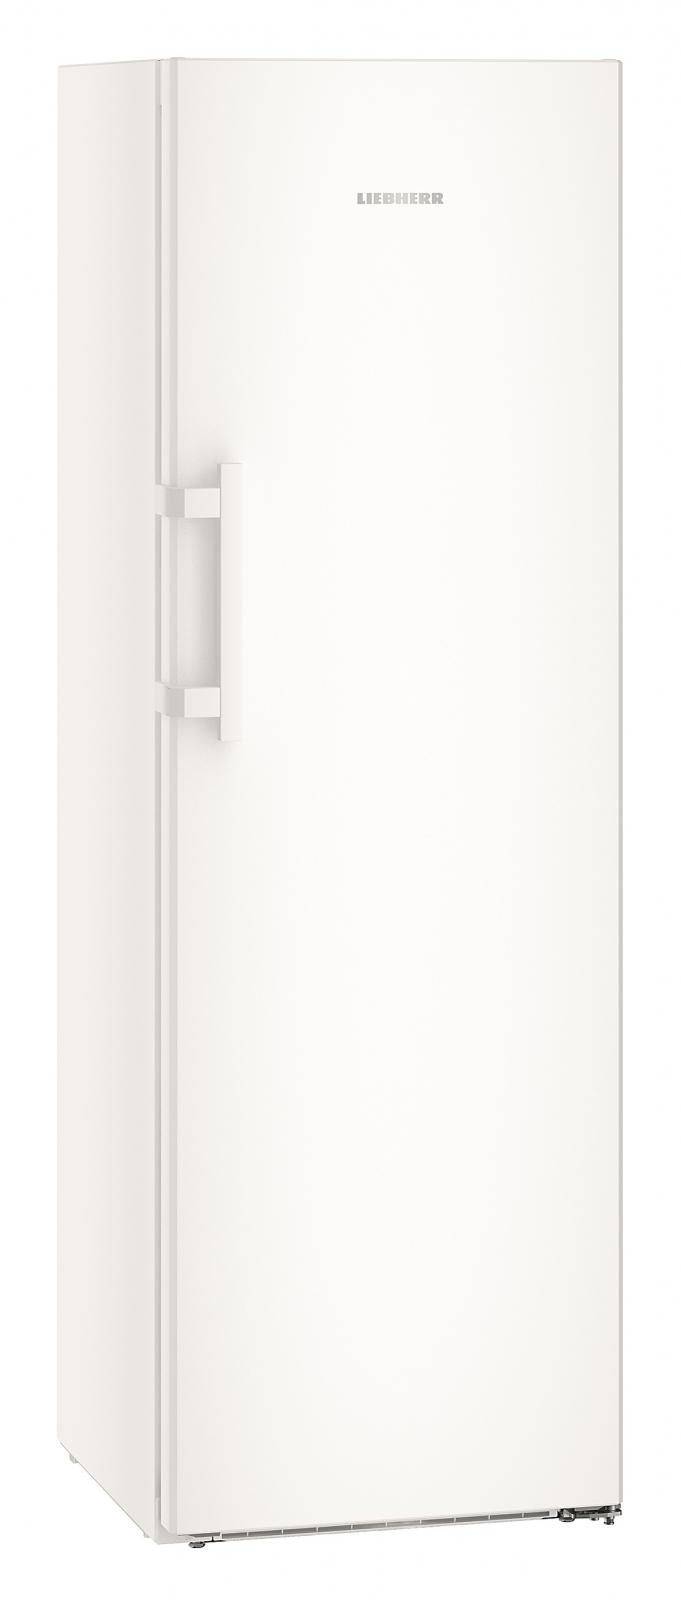 купить Однокамерный холодильник Liebherr K 4310 Украина фото 1